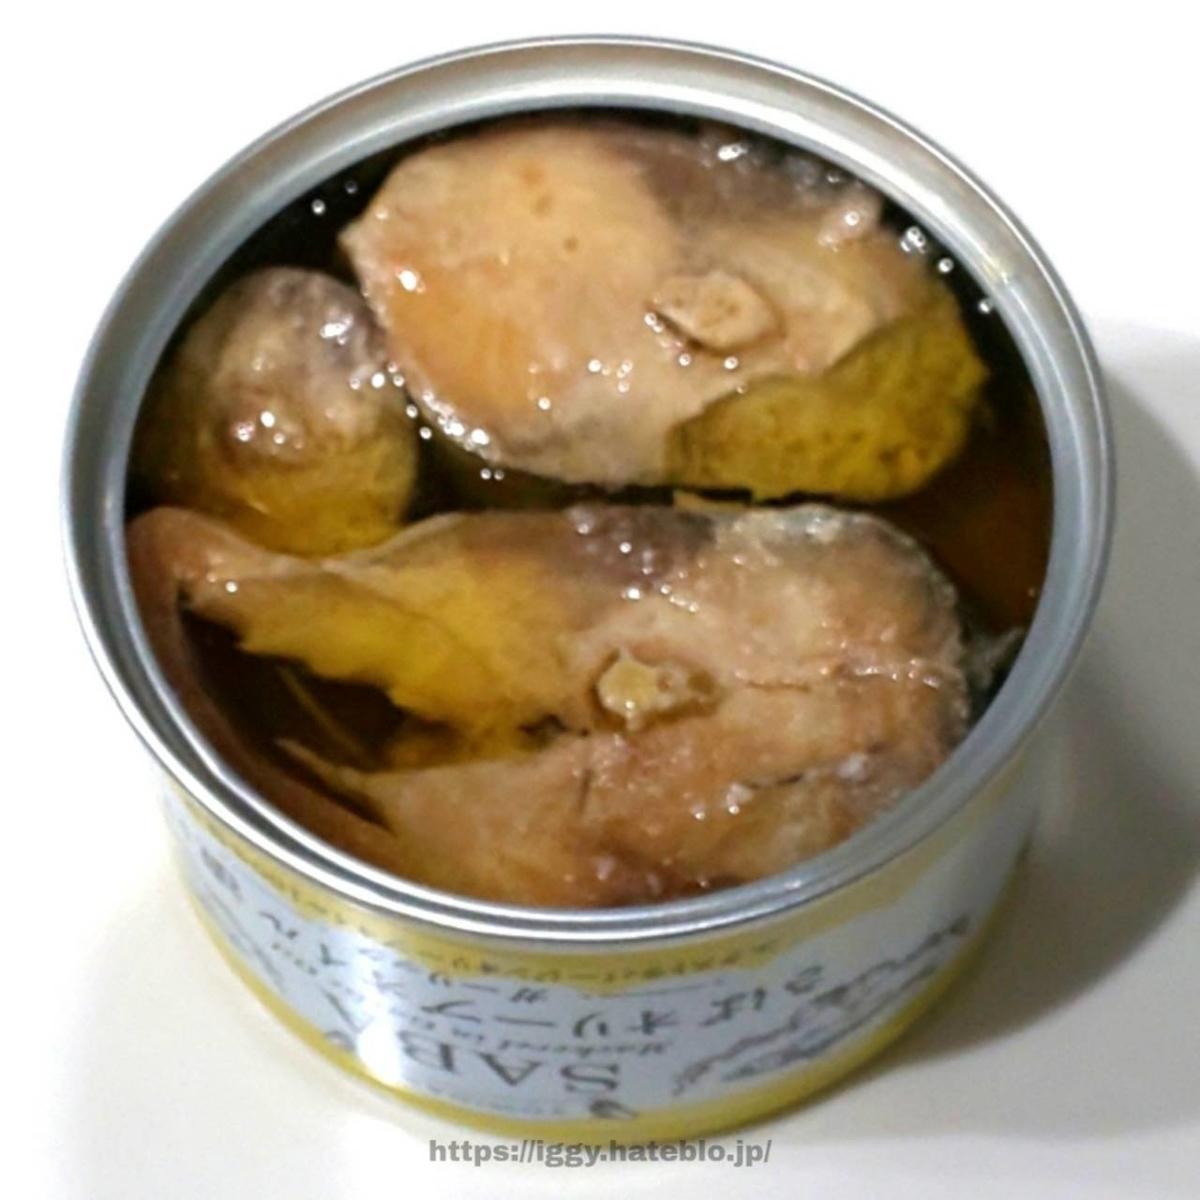 富永 さばオリーブオイル漬けガーリック サバ缶 アレンジレシピ